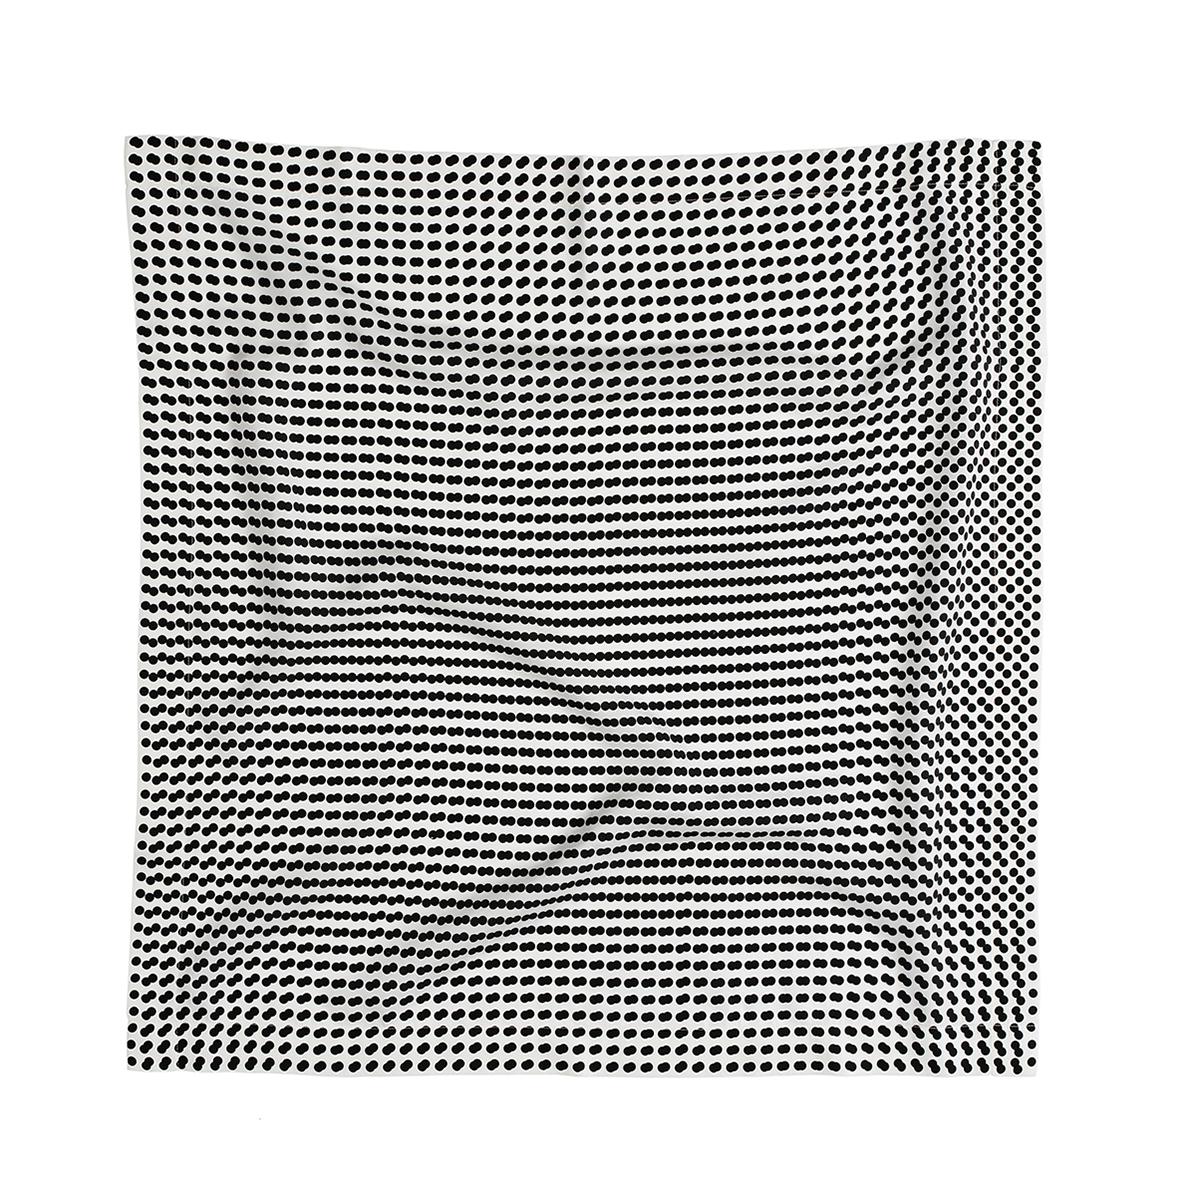 플랫폼엘 martens and martens double silk screen-printed scarf (black&black)